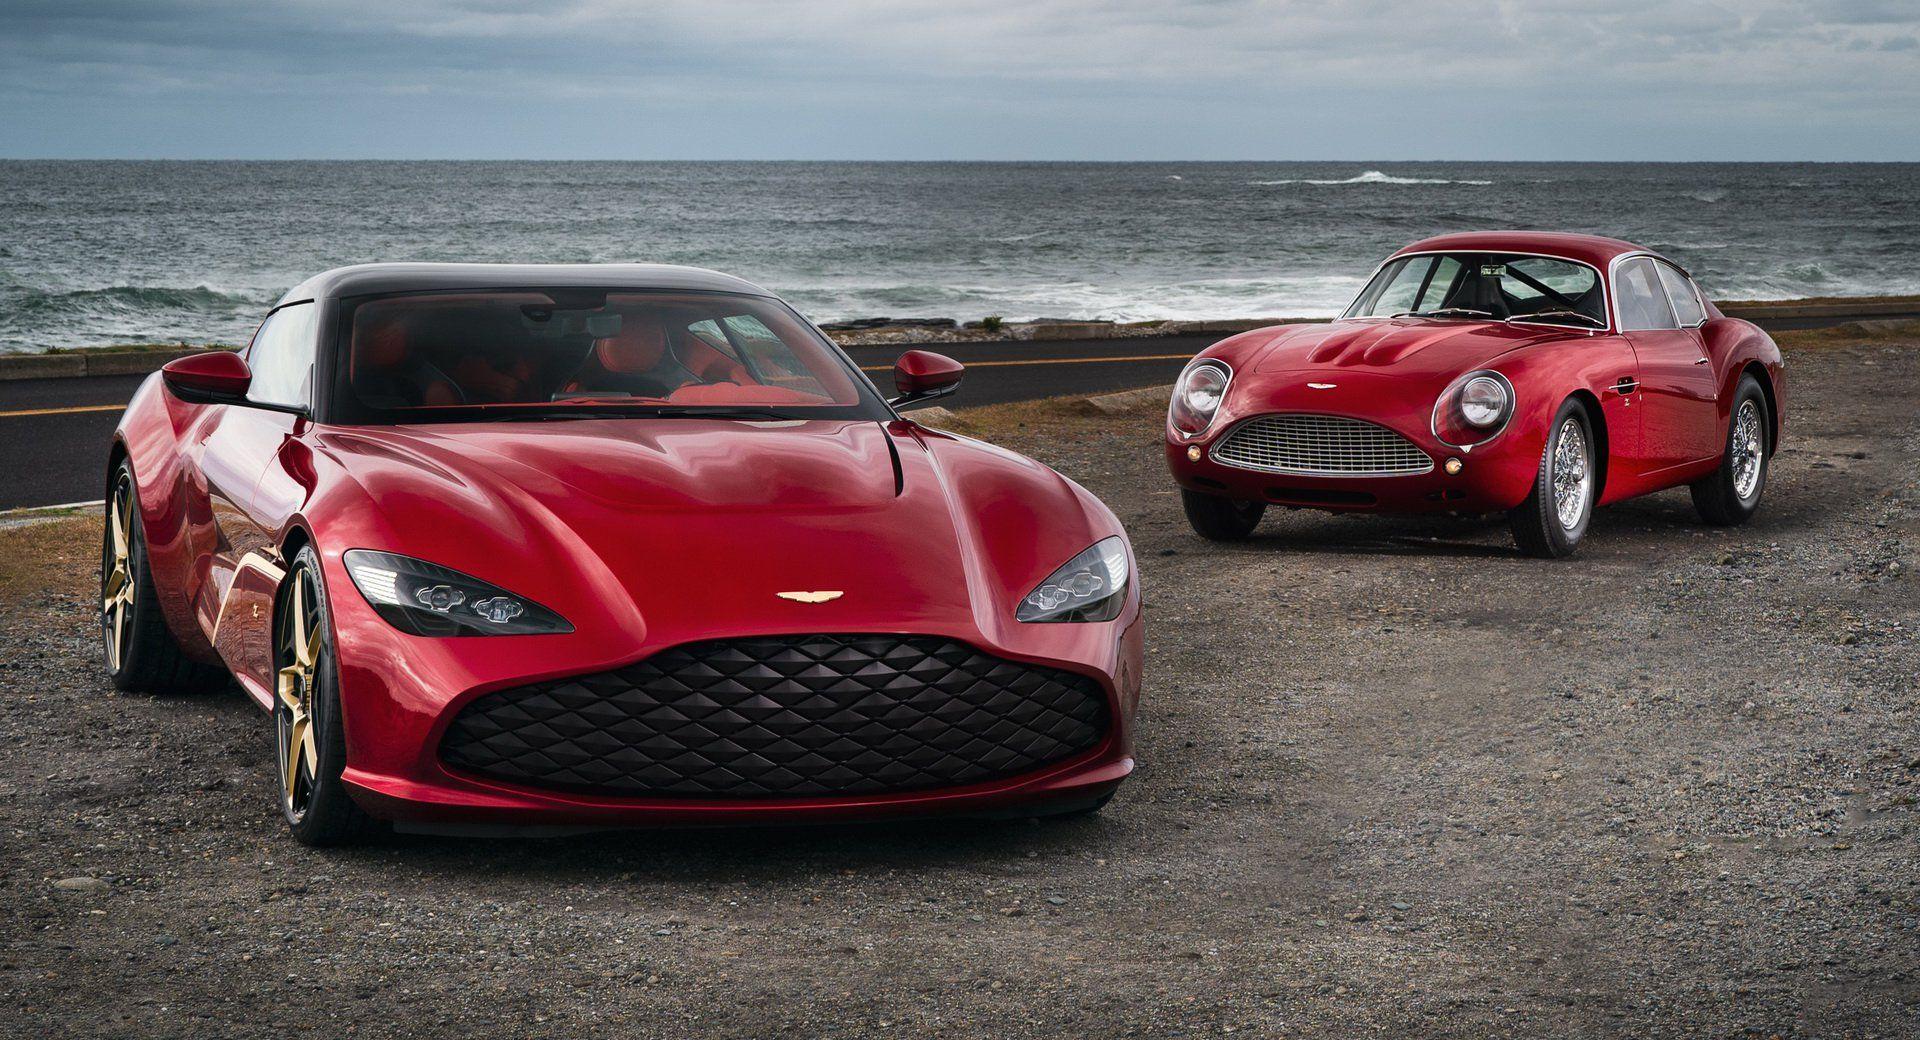 Aston Martins Neues 760 Ps Dbs Gt Zagato Special Ist Ihre Goldene Eintrittskarte Fur Den Uberfluss 760psd Aston Martin Dbs Aston Martin Aston Martin Lagonda